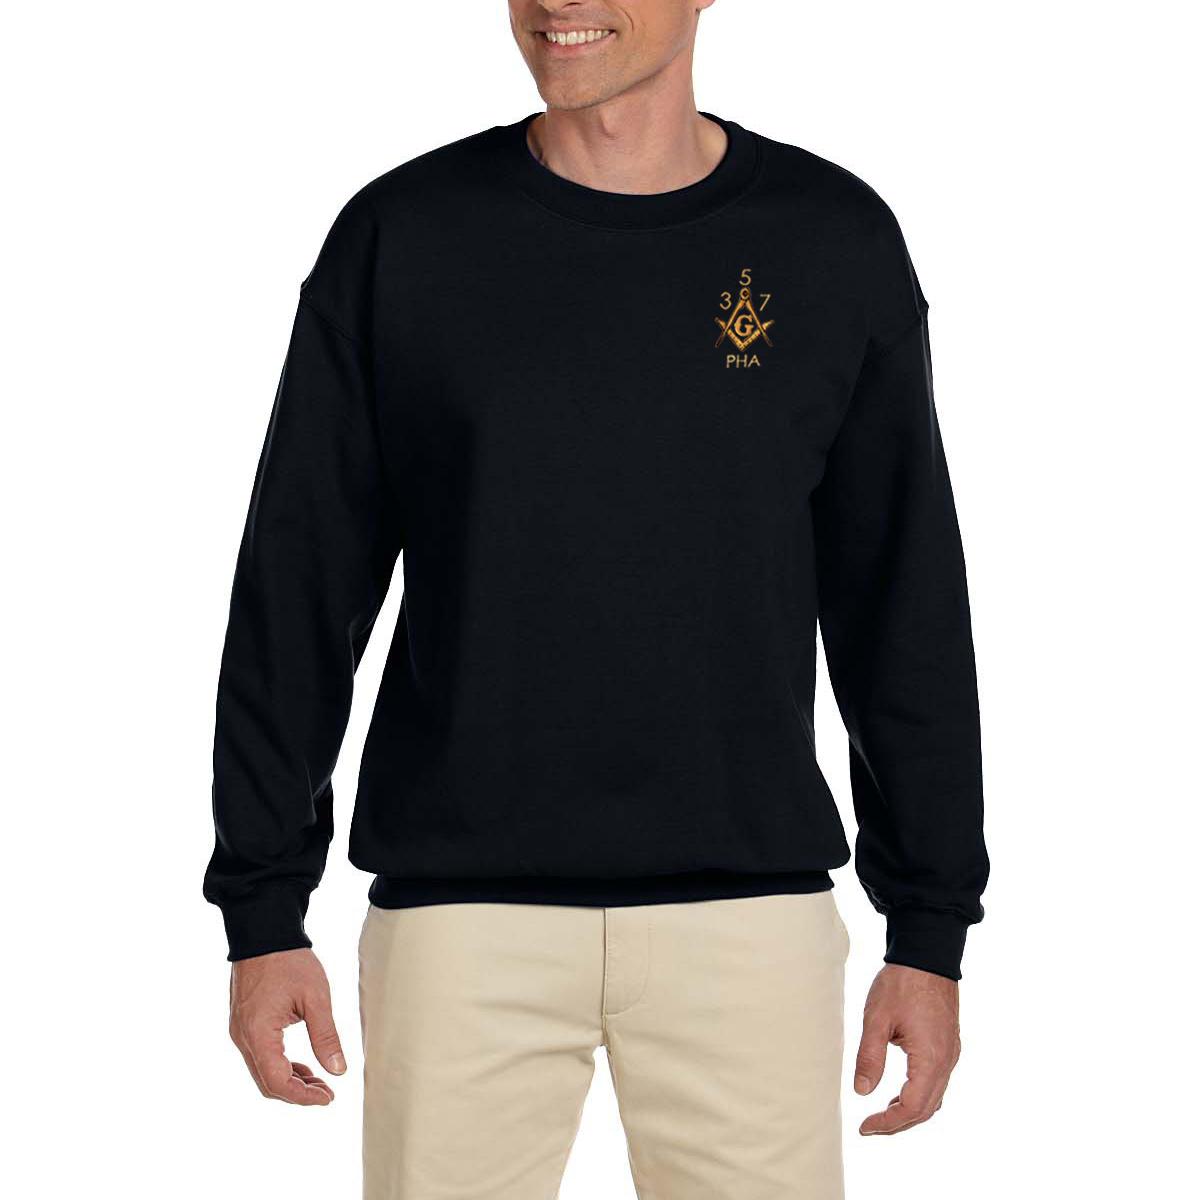 3bd304353 Prince Hall 3 5 7 Embroidered Masonic Men s Fleece Crew Sweatshirt